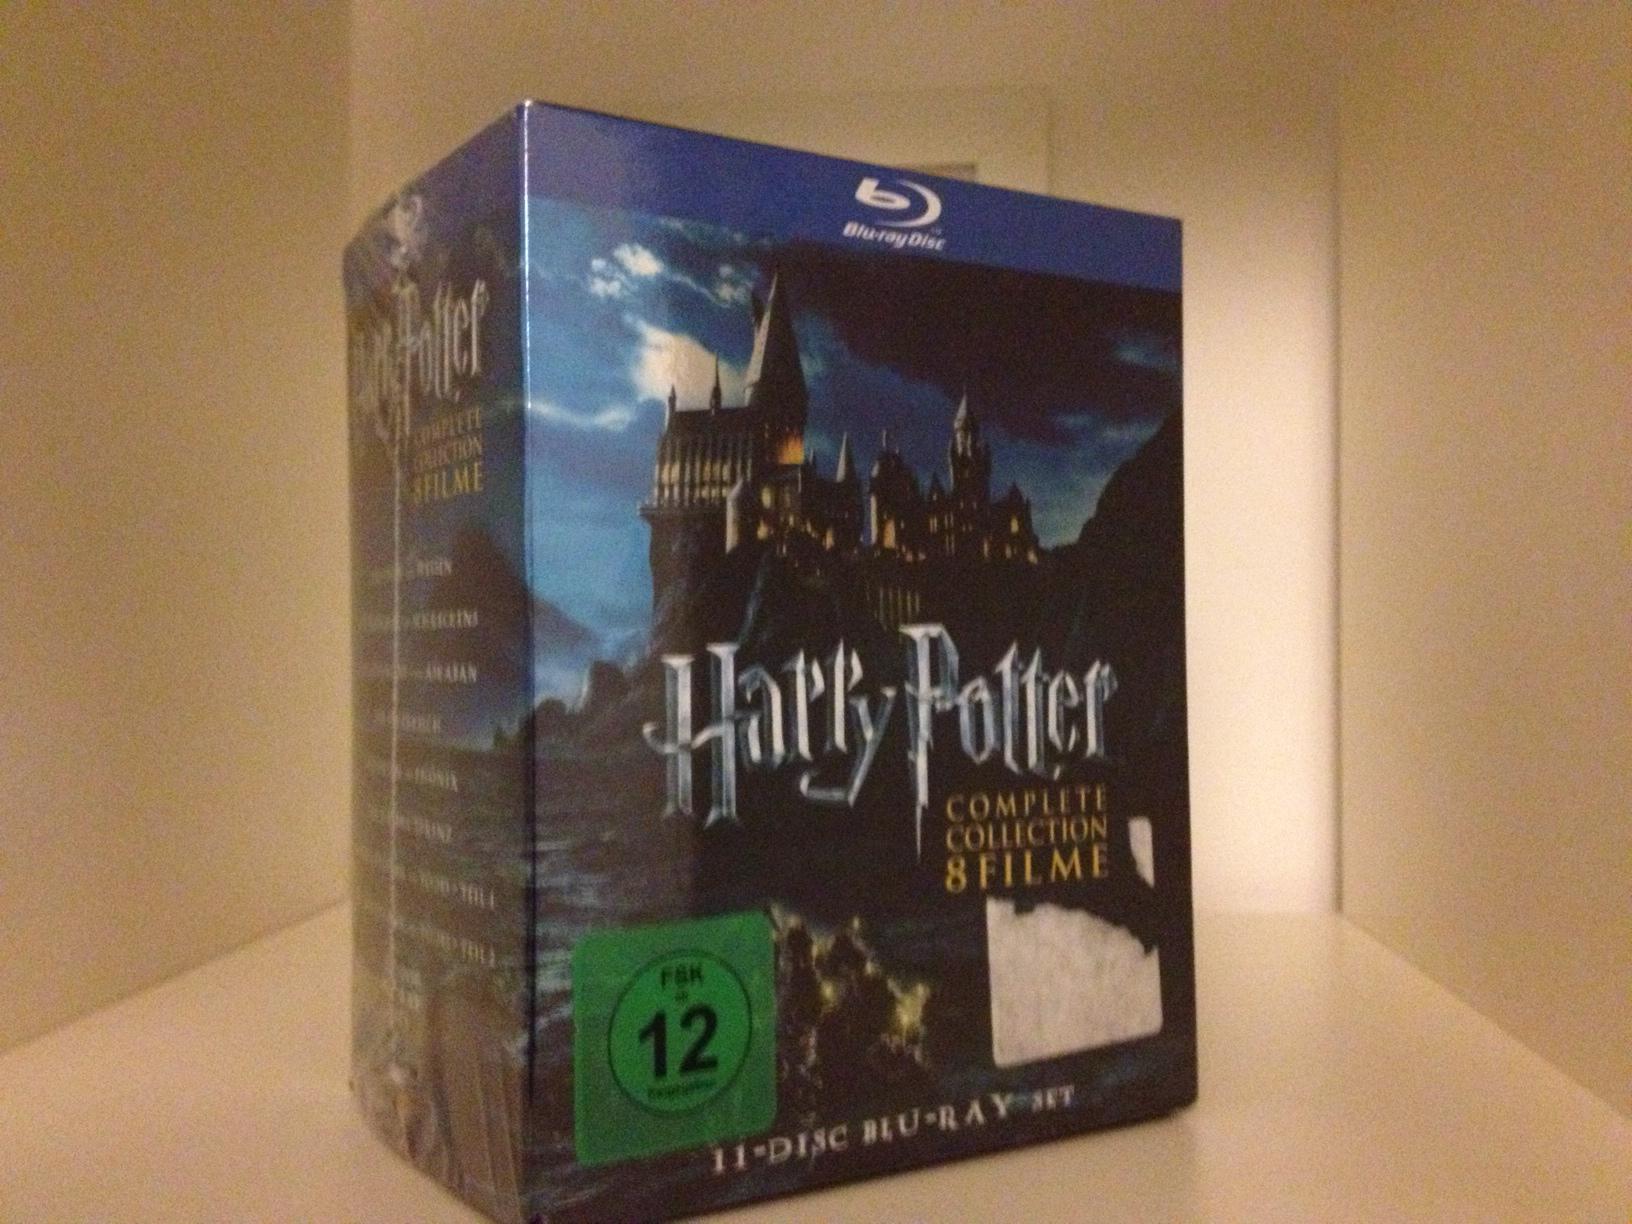 Harry Potter on BluRay - Savannah Page